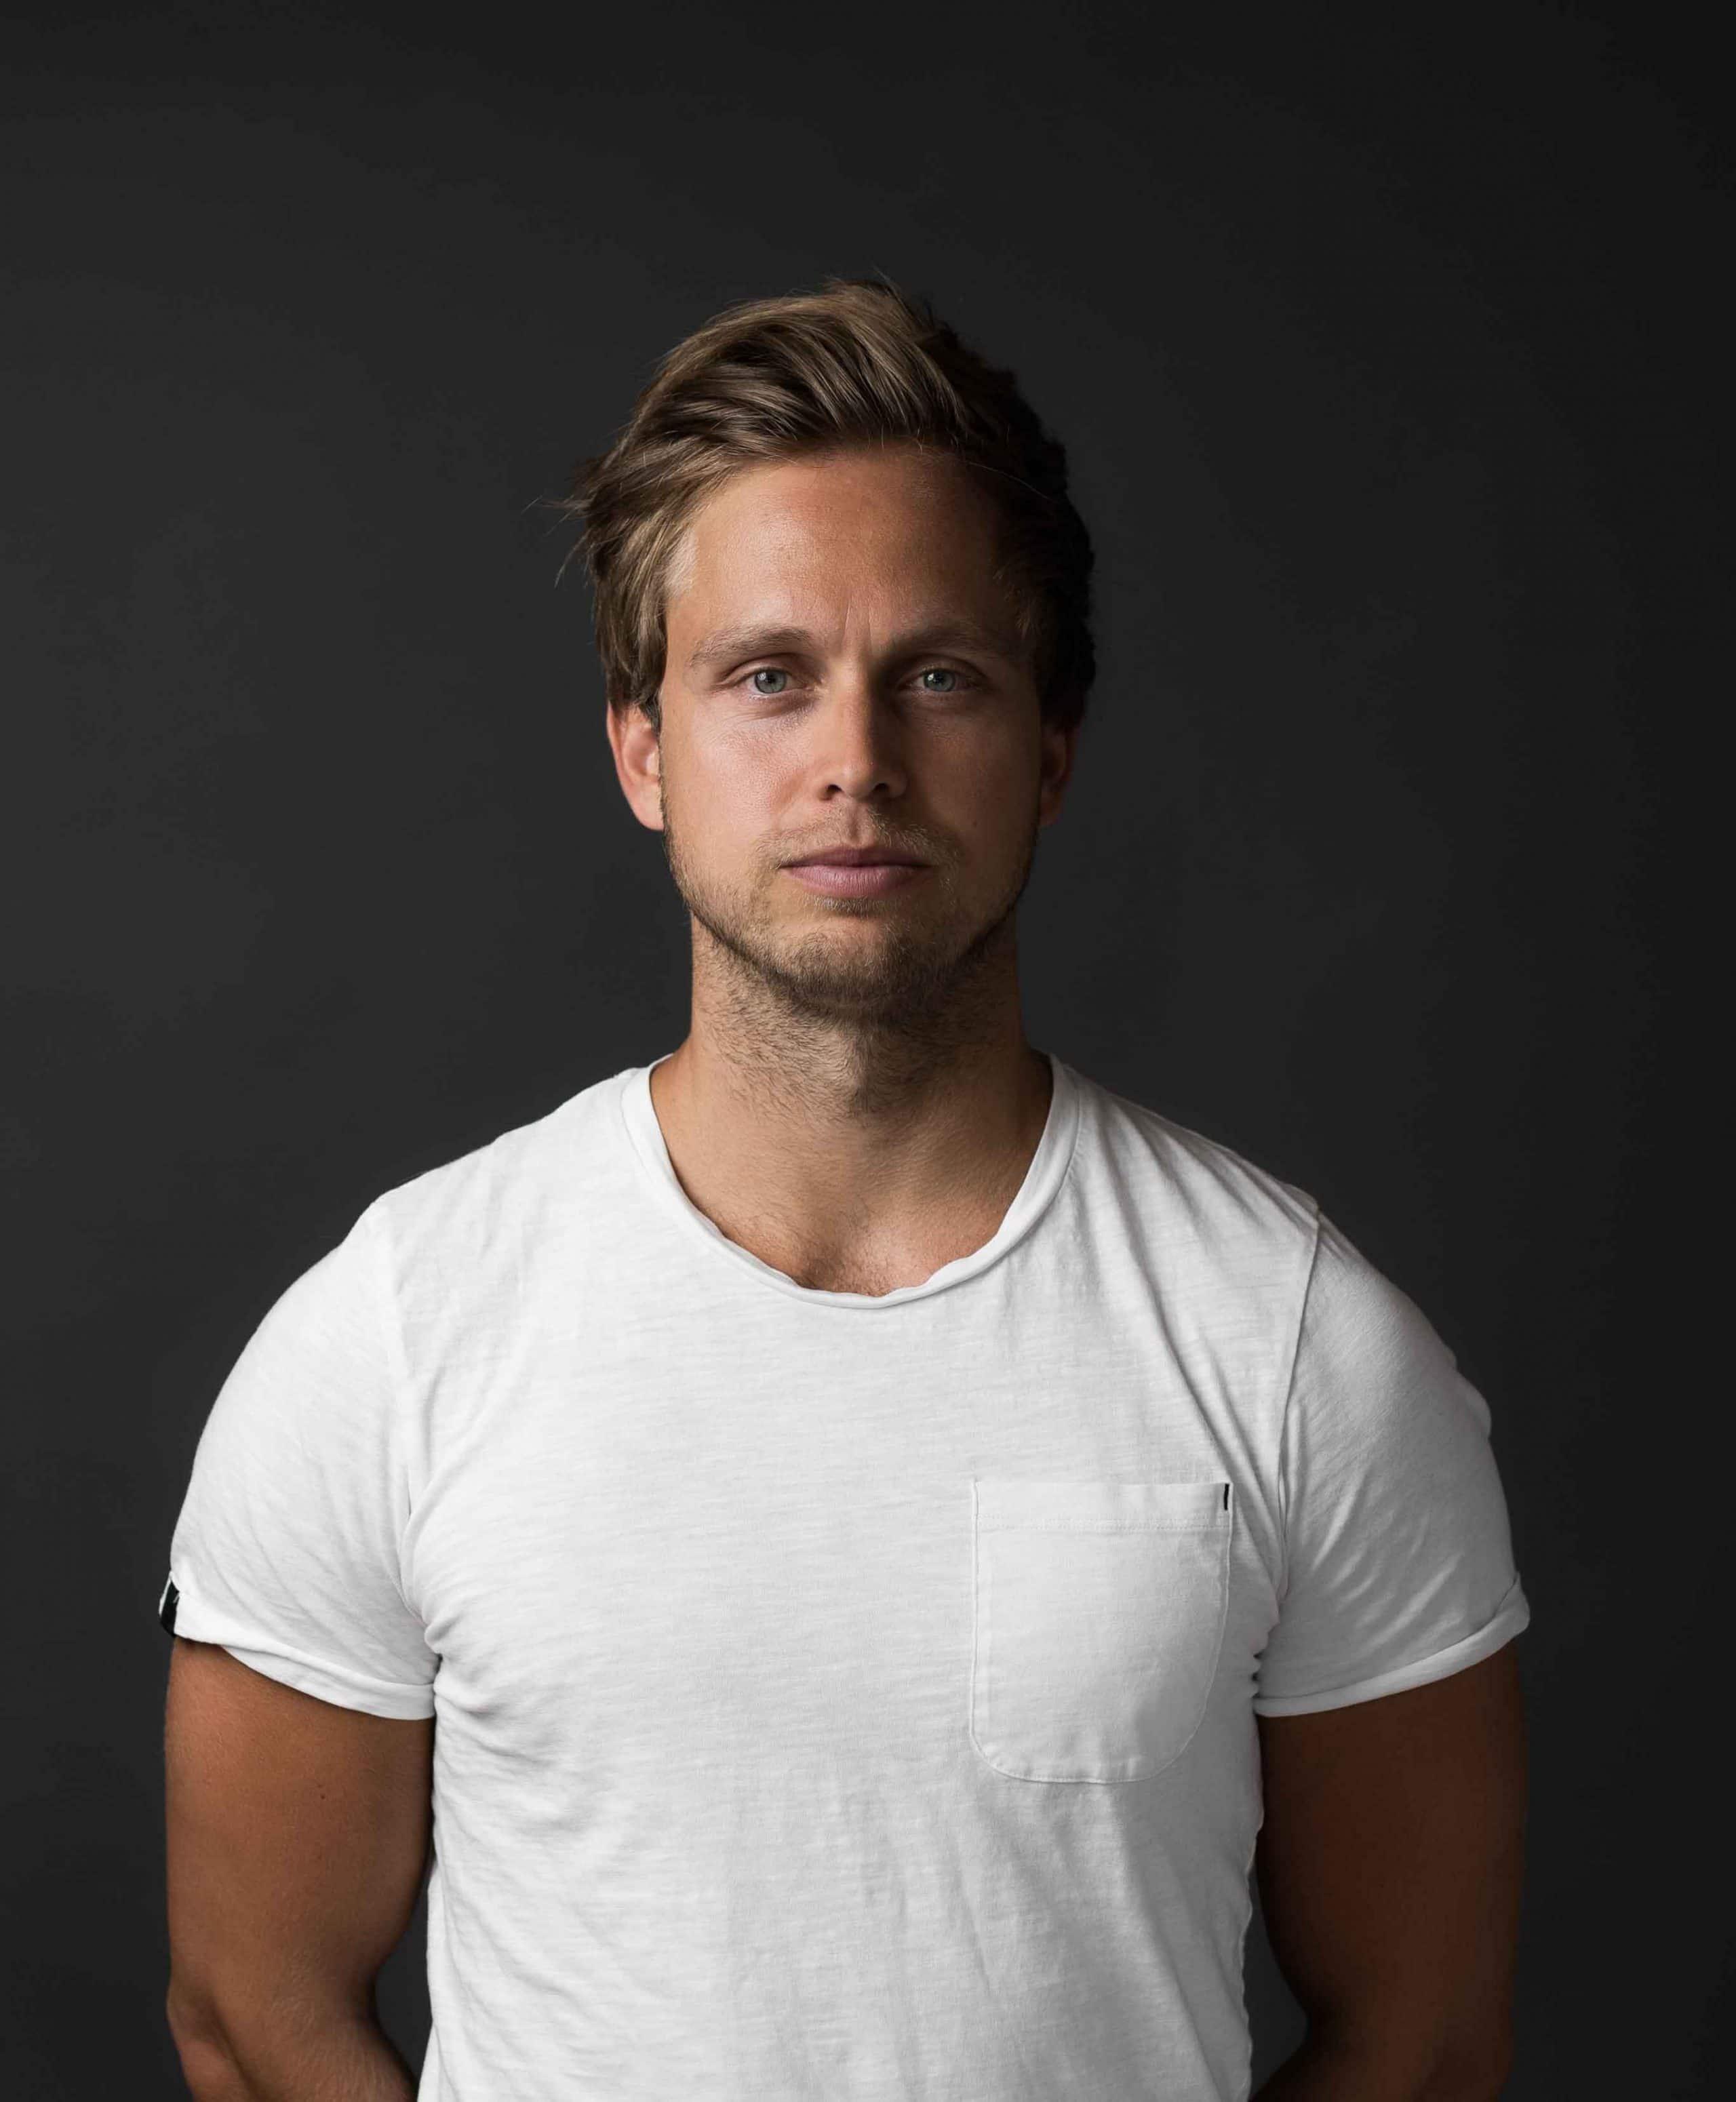 Portrait von Tim König, Gründer, Producer, Finanzen von WINGMEN Media, Team, Studio Portrait, Unternehmensfotografie, WINGMEN Media